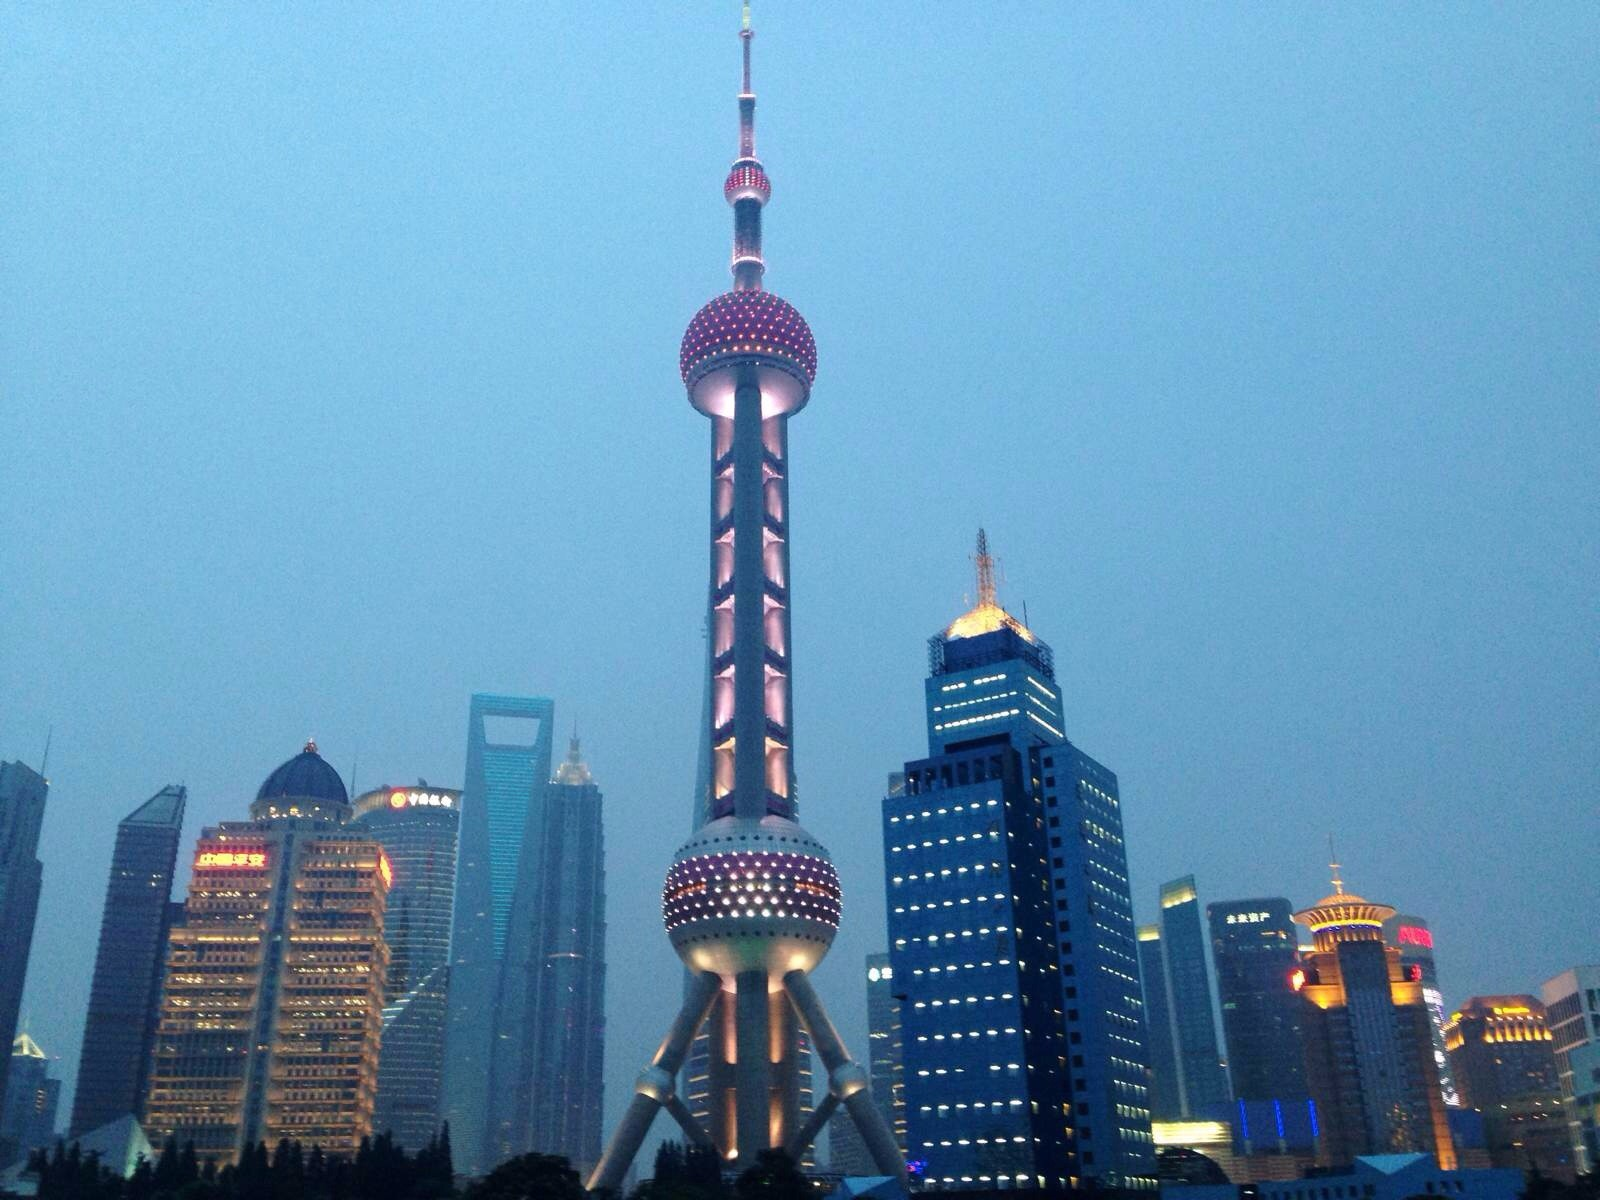 上海外滩观光隧道旅游攻略图文(介绍、地址、